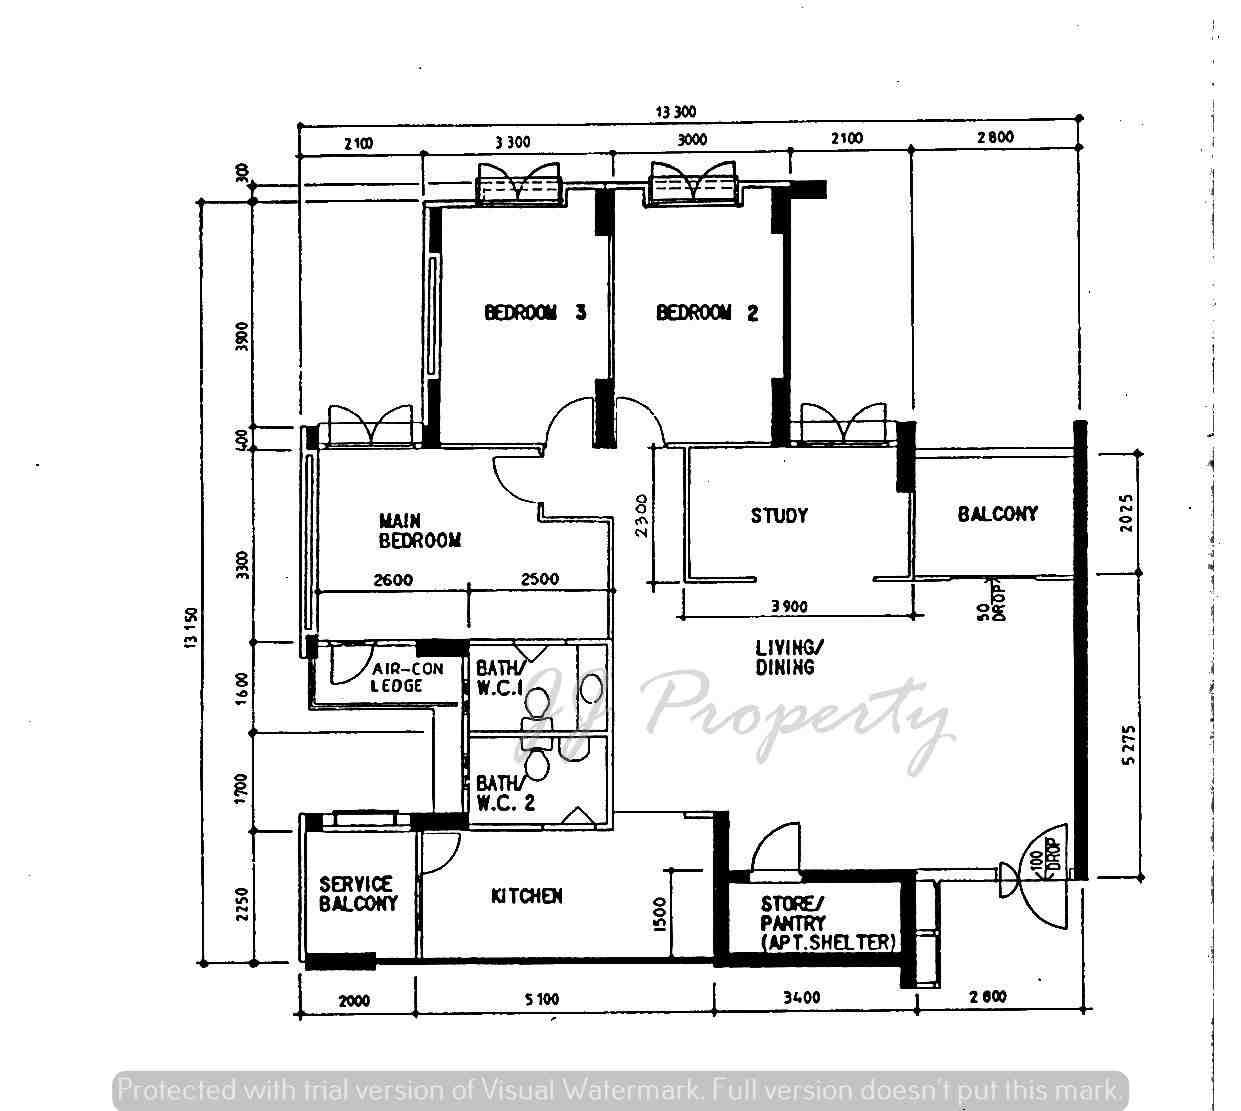 Wm floorplan